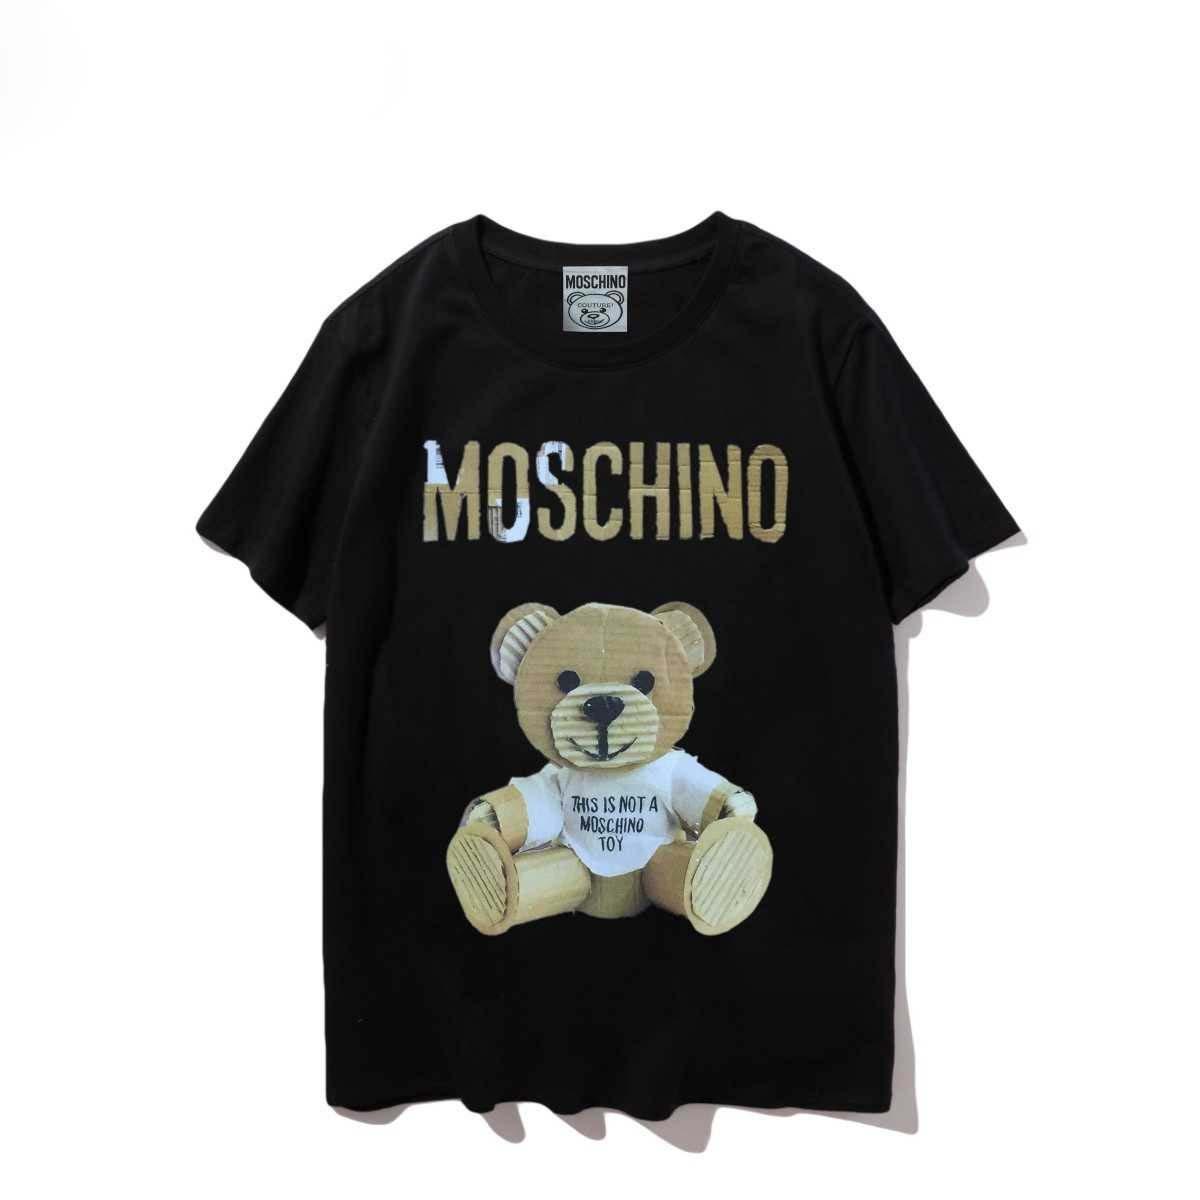 Moschino Classic Designers cotone Tshirt Mens allentato traspirante magliette lettera stampata Uomini Donne Skateboard Hip Hop T superiori S-XXL # 82224